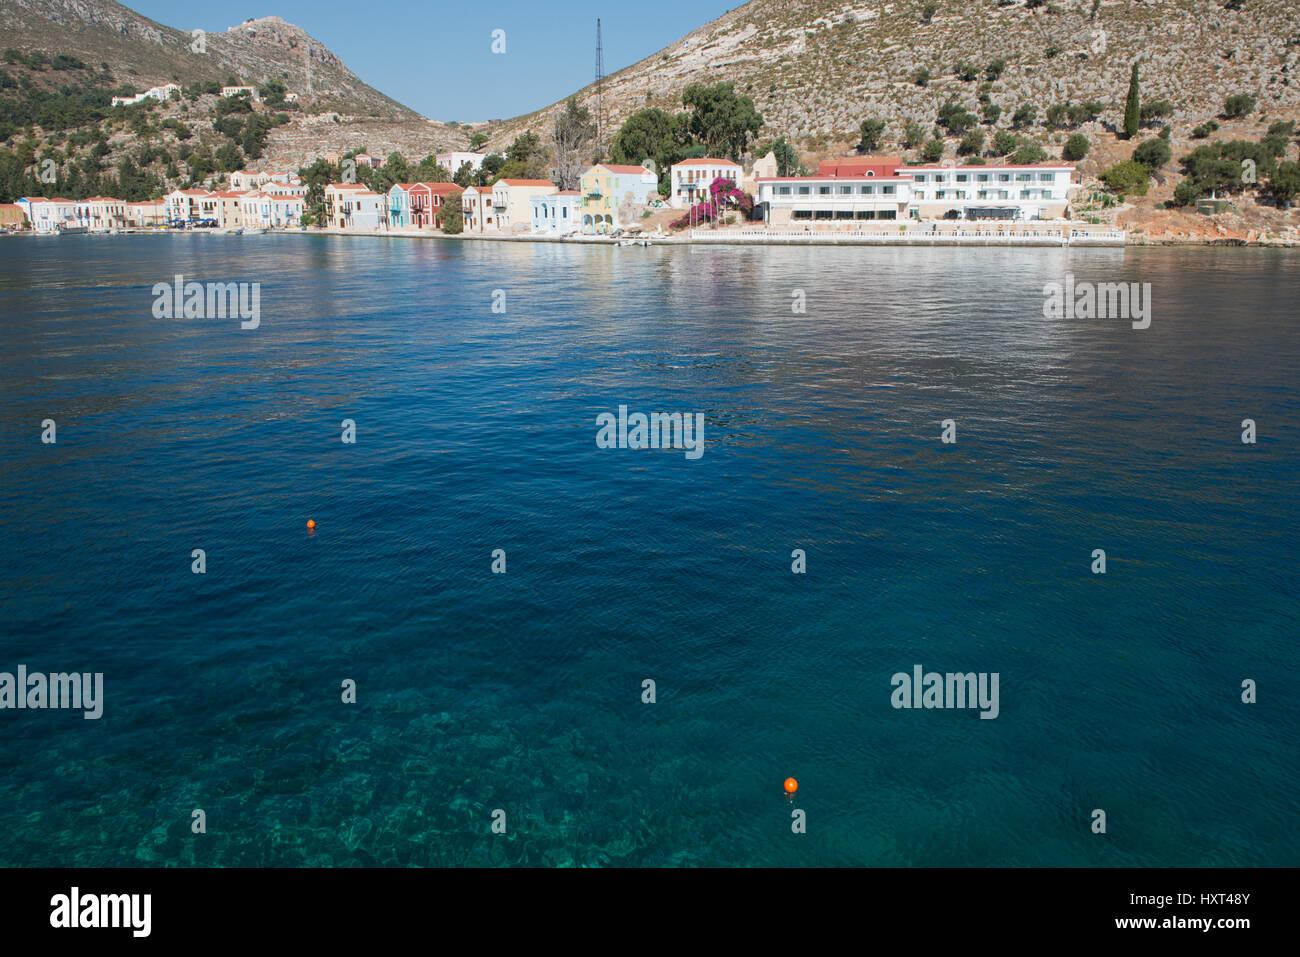 türkisblaues Wasser einer Bucht mit bunten Häusern und kahlem Hügel, Insel Kastellorizo, Dodekanes, - Stock Image